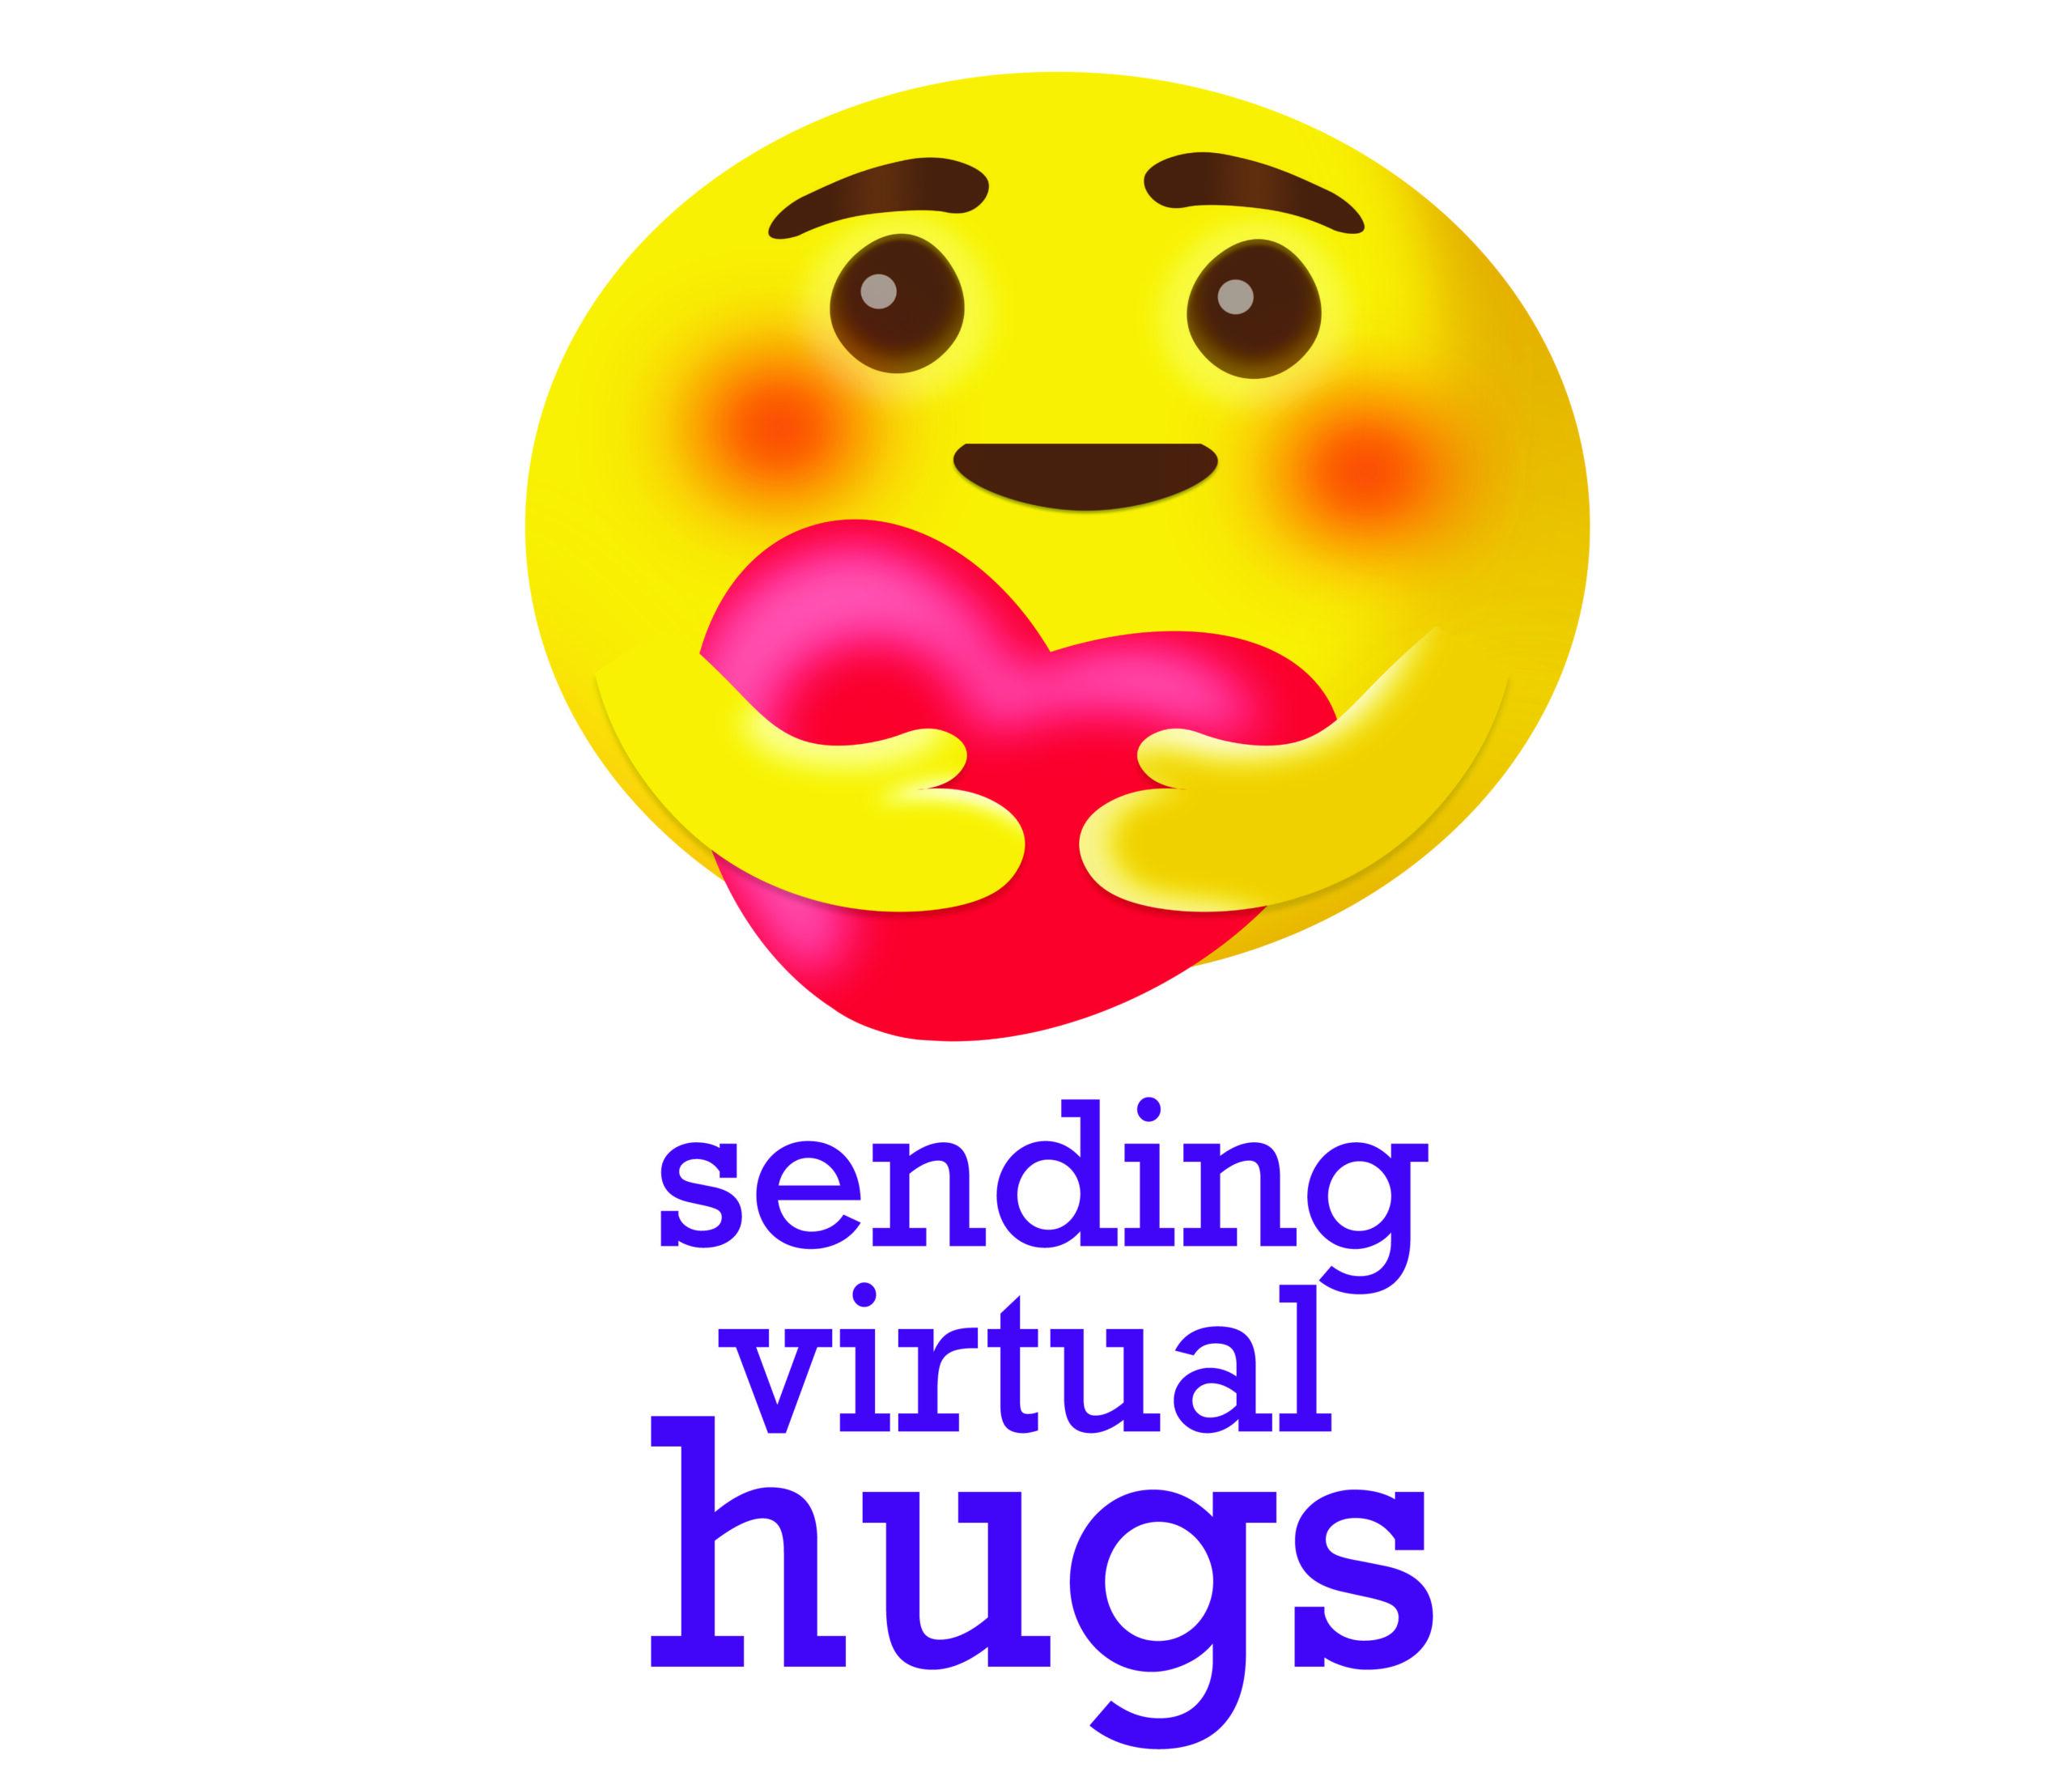 Sending Virtual Hugs